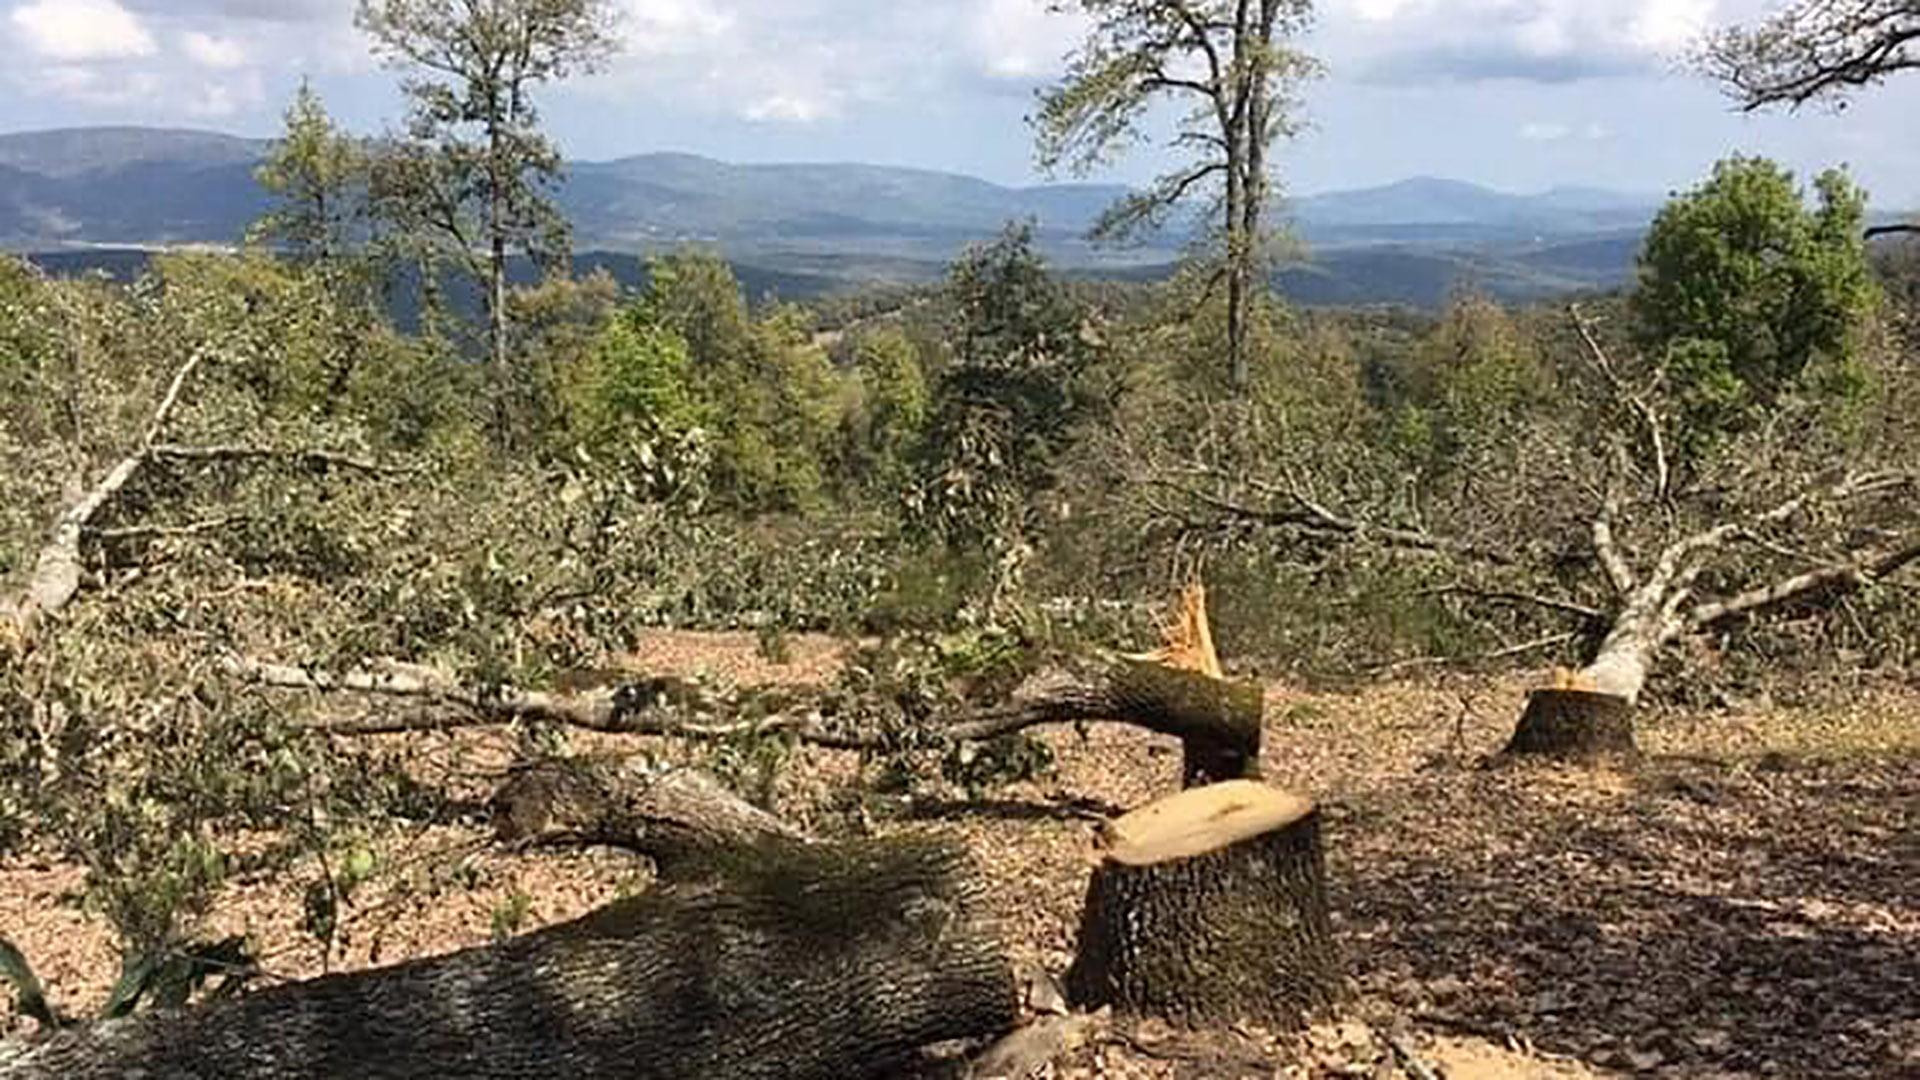 صورة اللجنة العلمية والفنية تقيم الاثار السلبية لقطع الاشجار